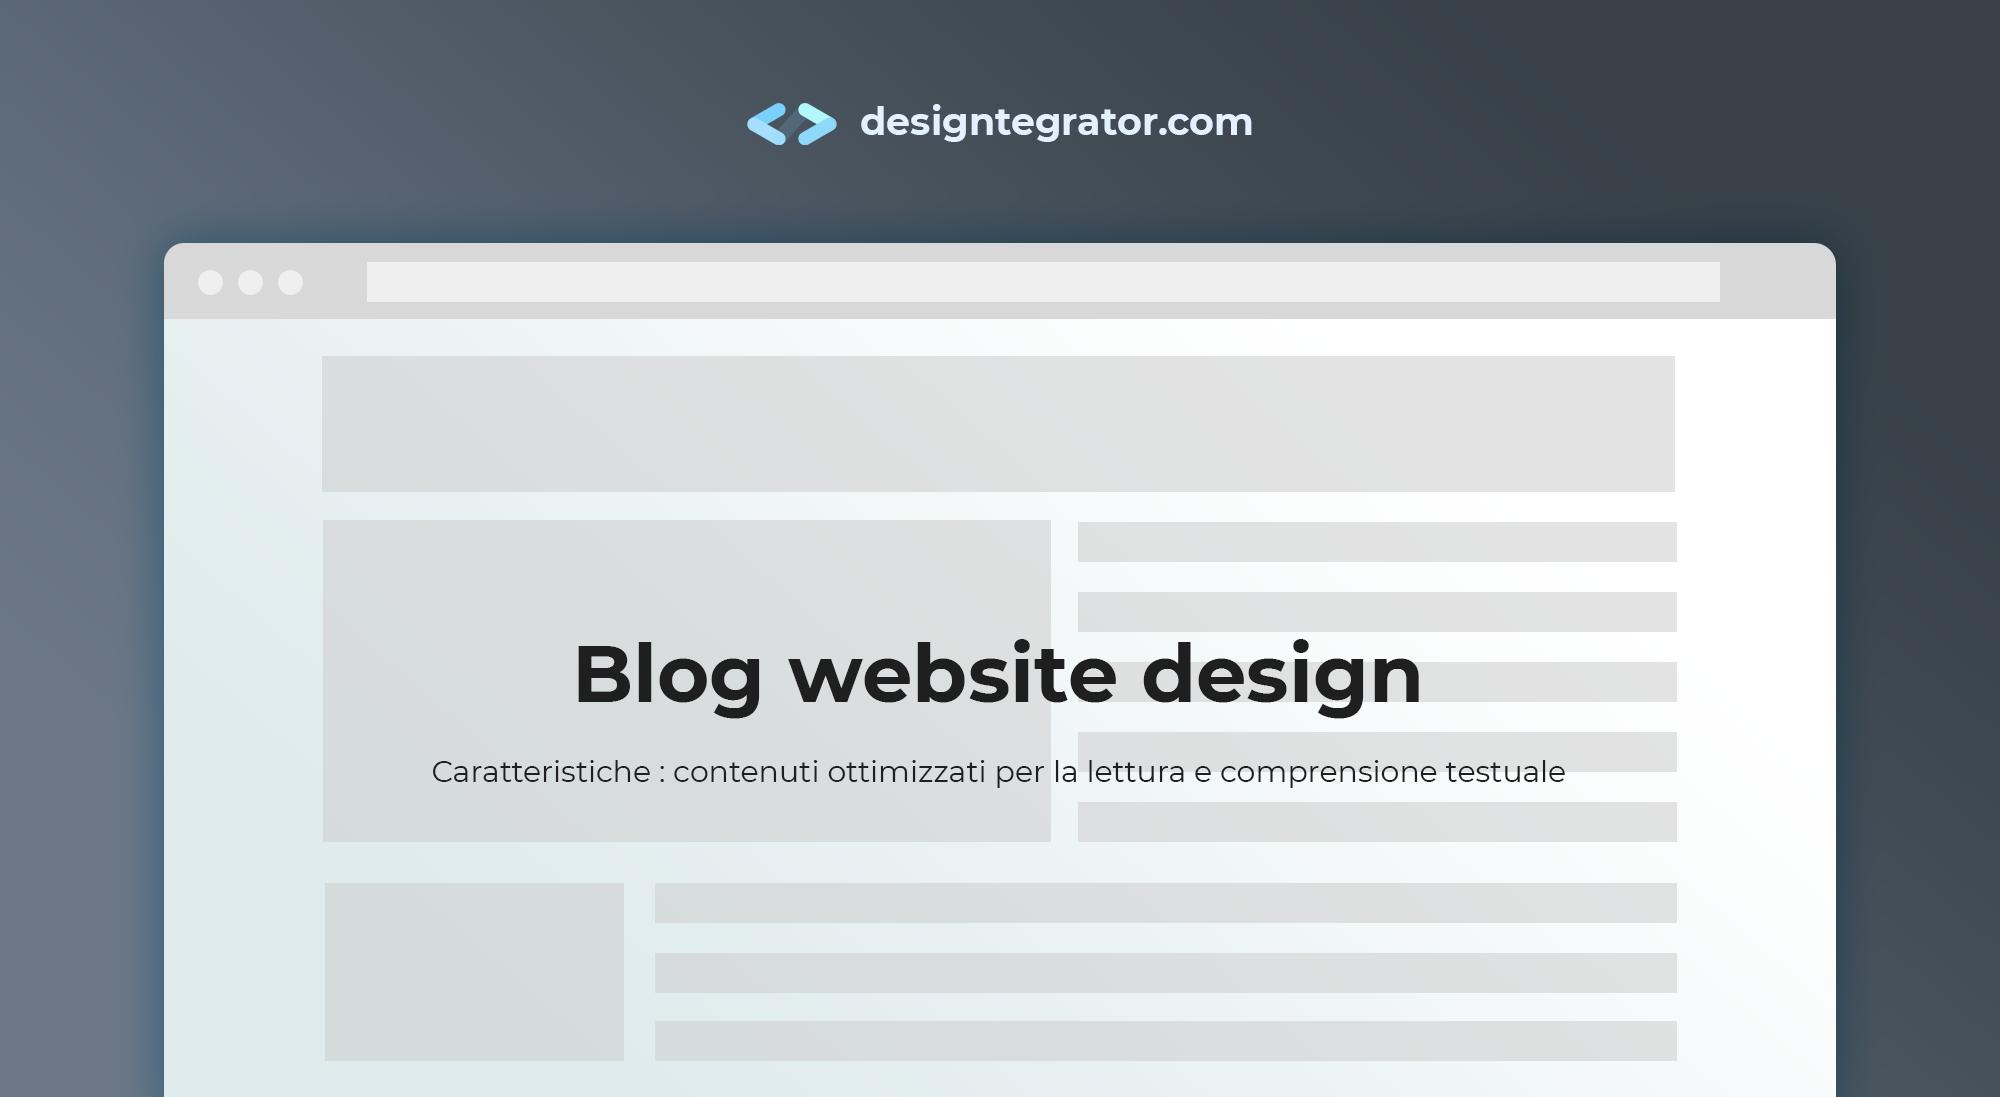 creare un sito web stile blog